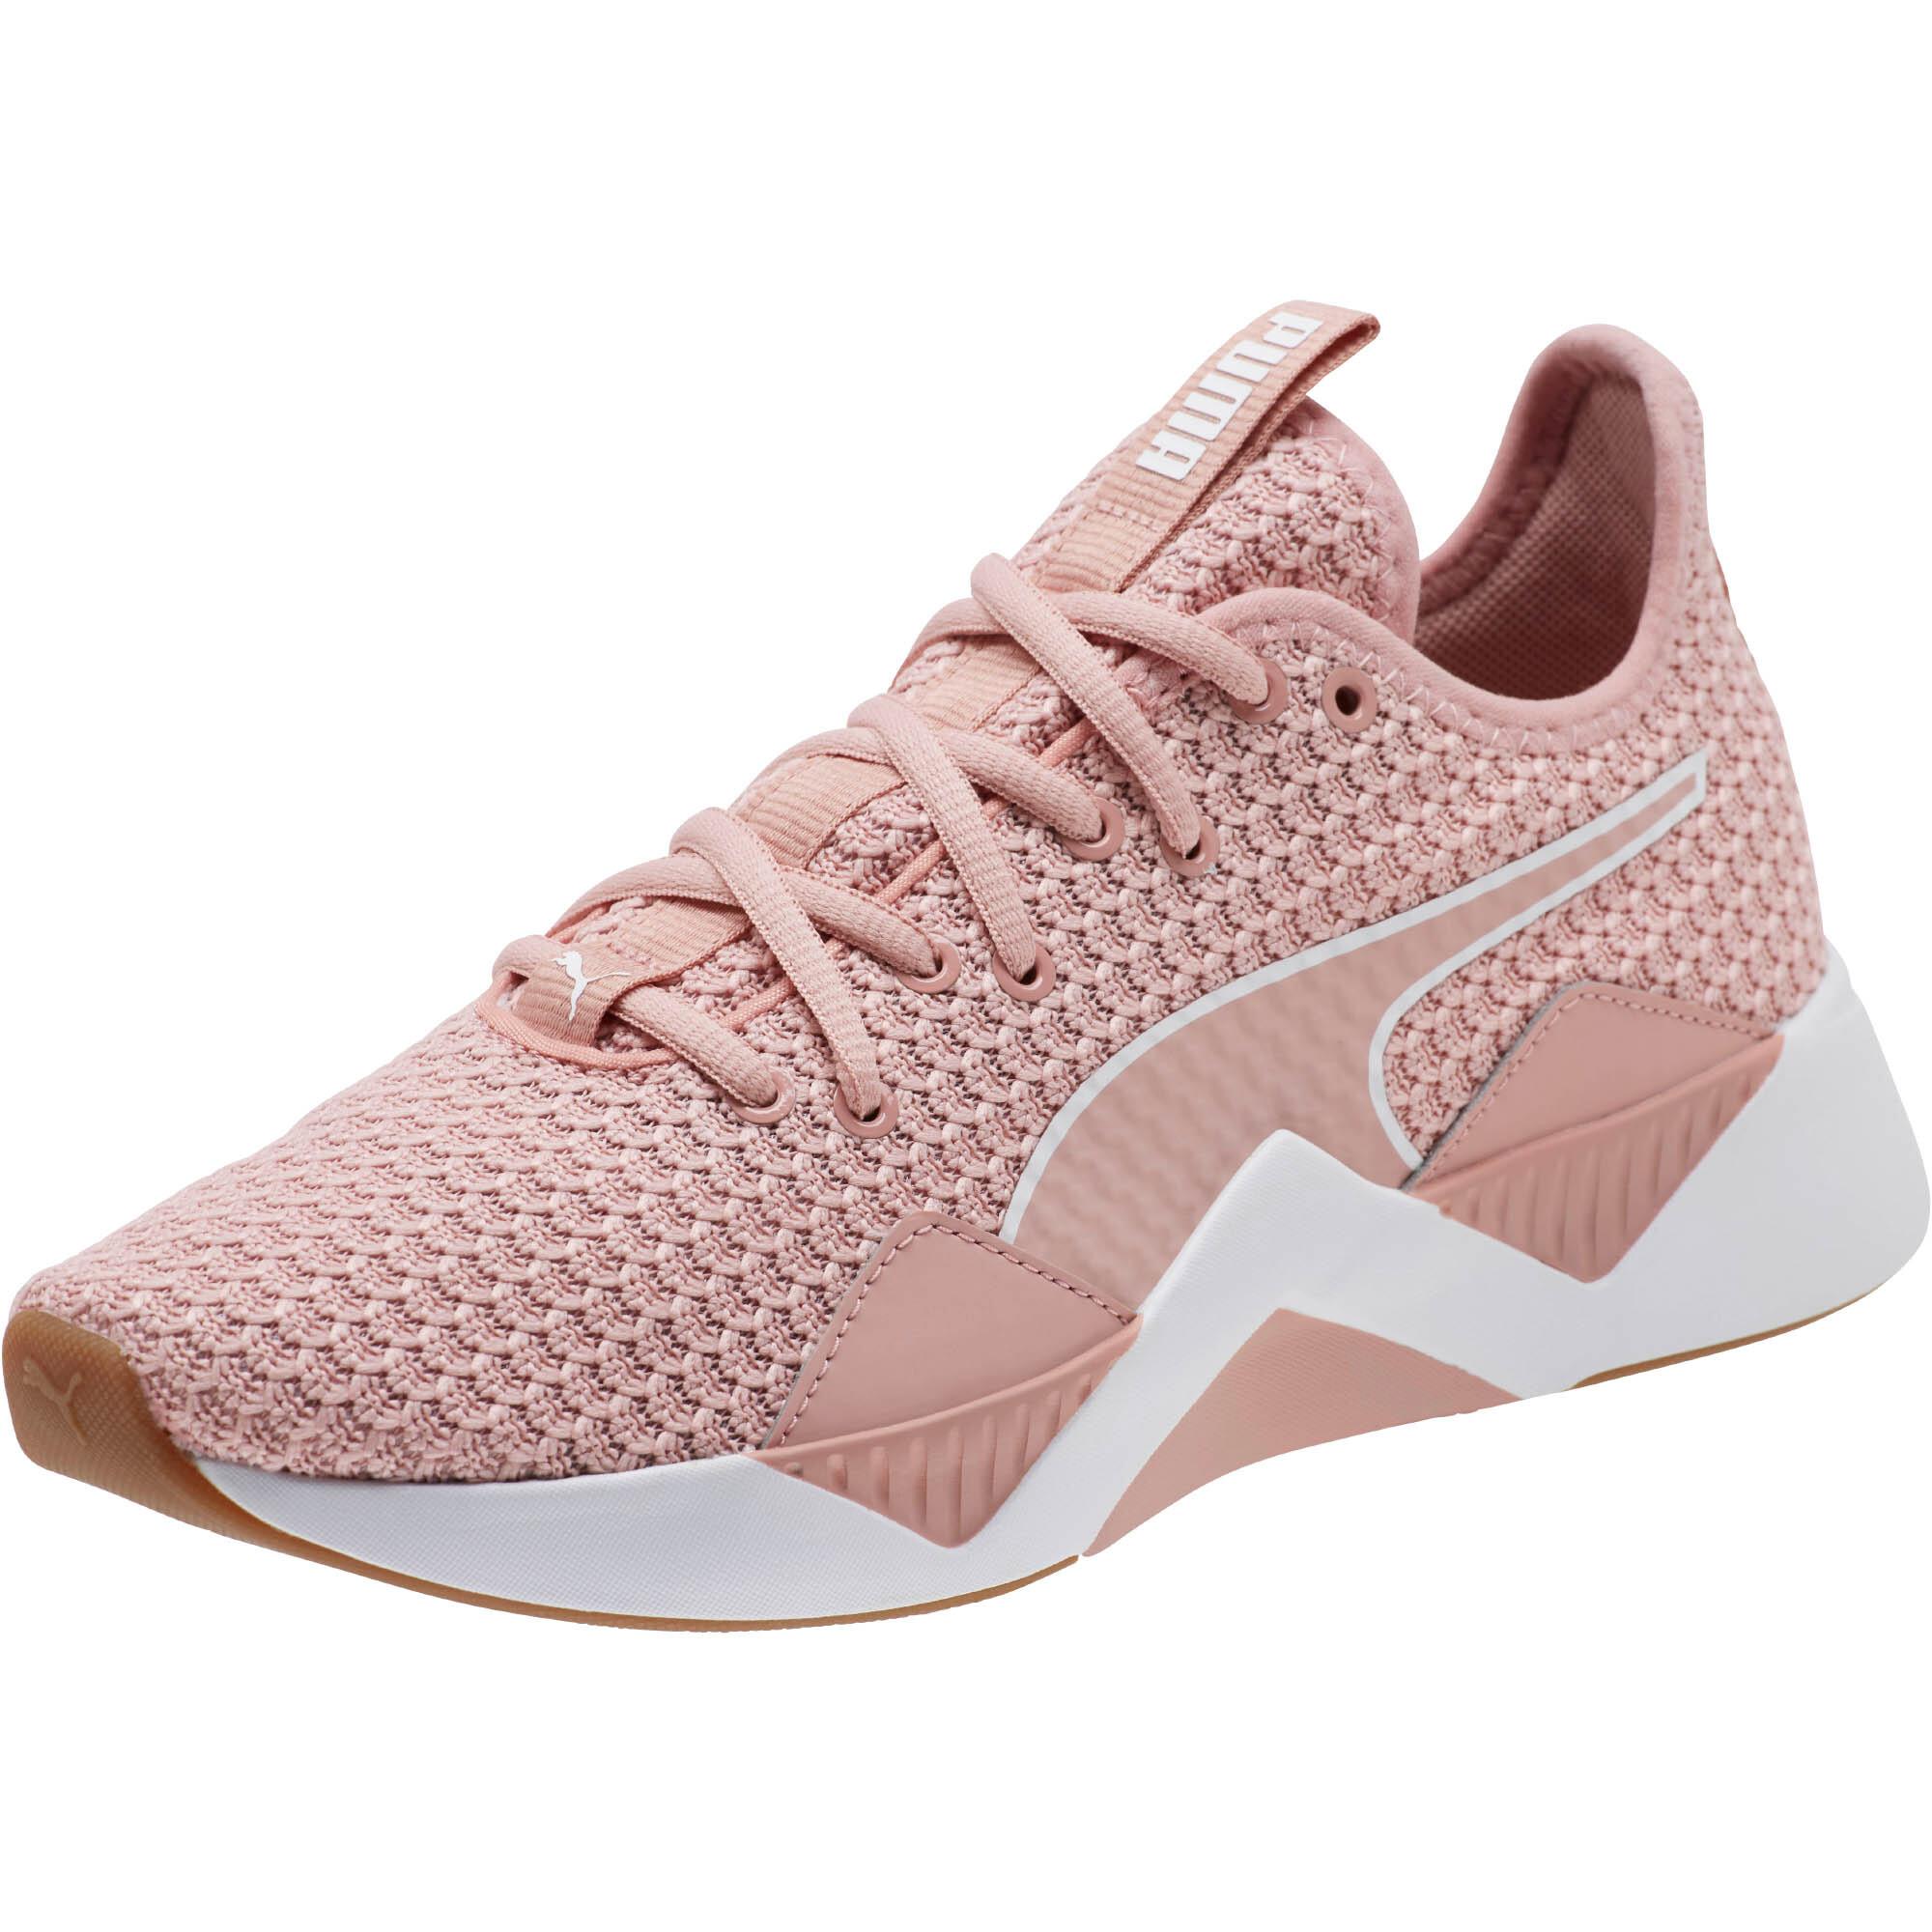 PUMA-Incite-FS-Women-039-s-Training-Shoes-Women-Shoe-Training thumbnail 25